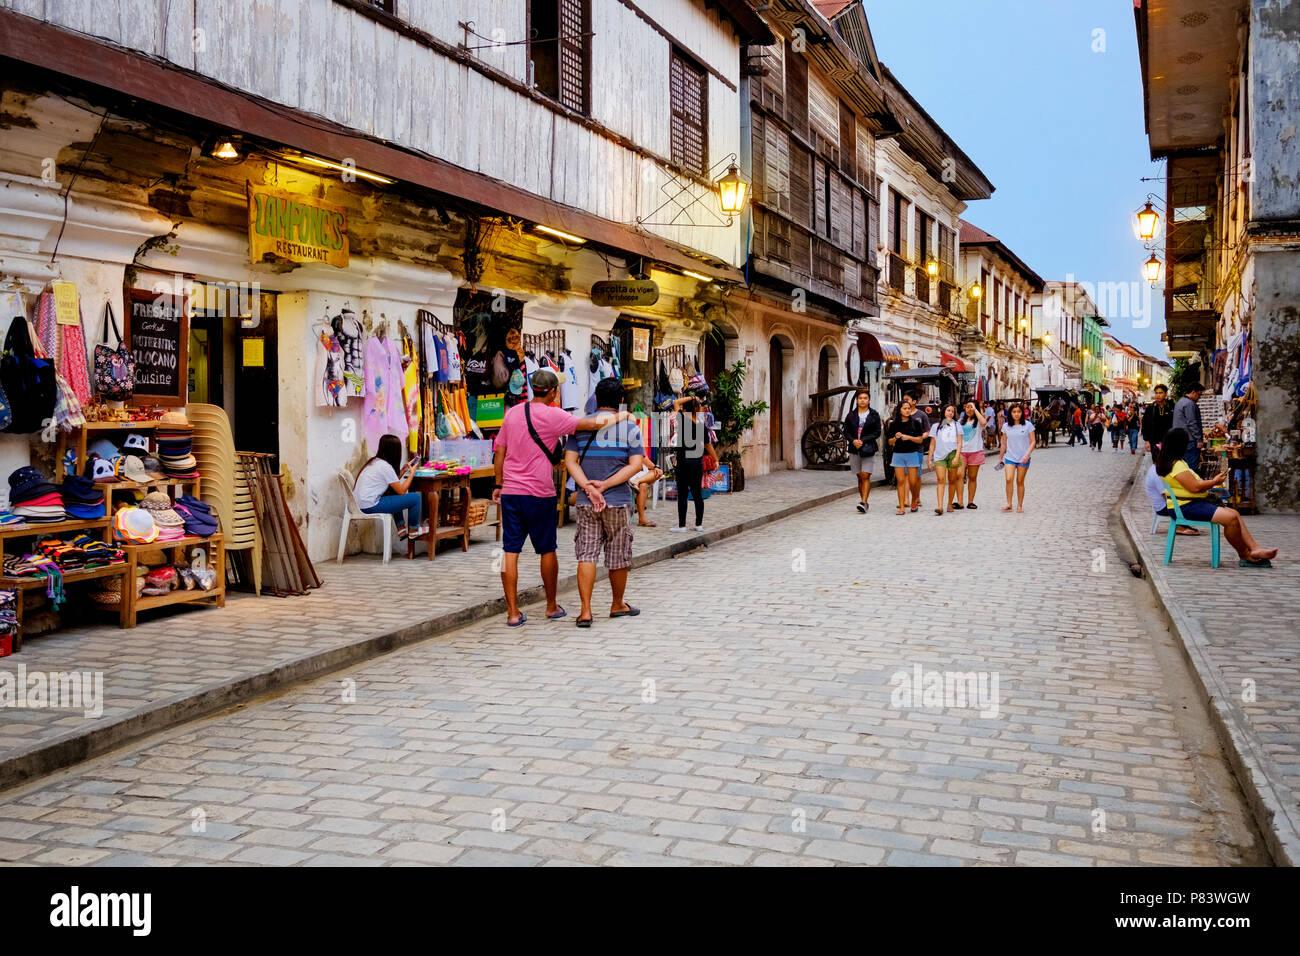 La pittoresca del XVI secolo città coloniale spagnola di Vigan nelle Filippine con le sue strade di ciottoli Immagini Stock